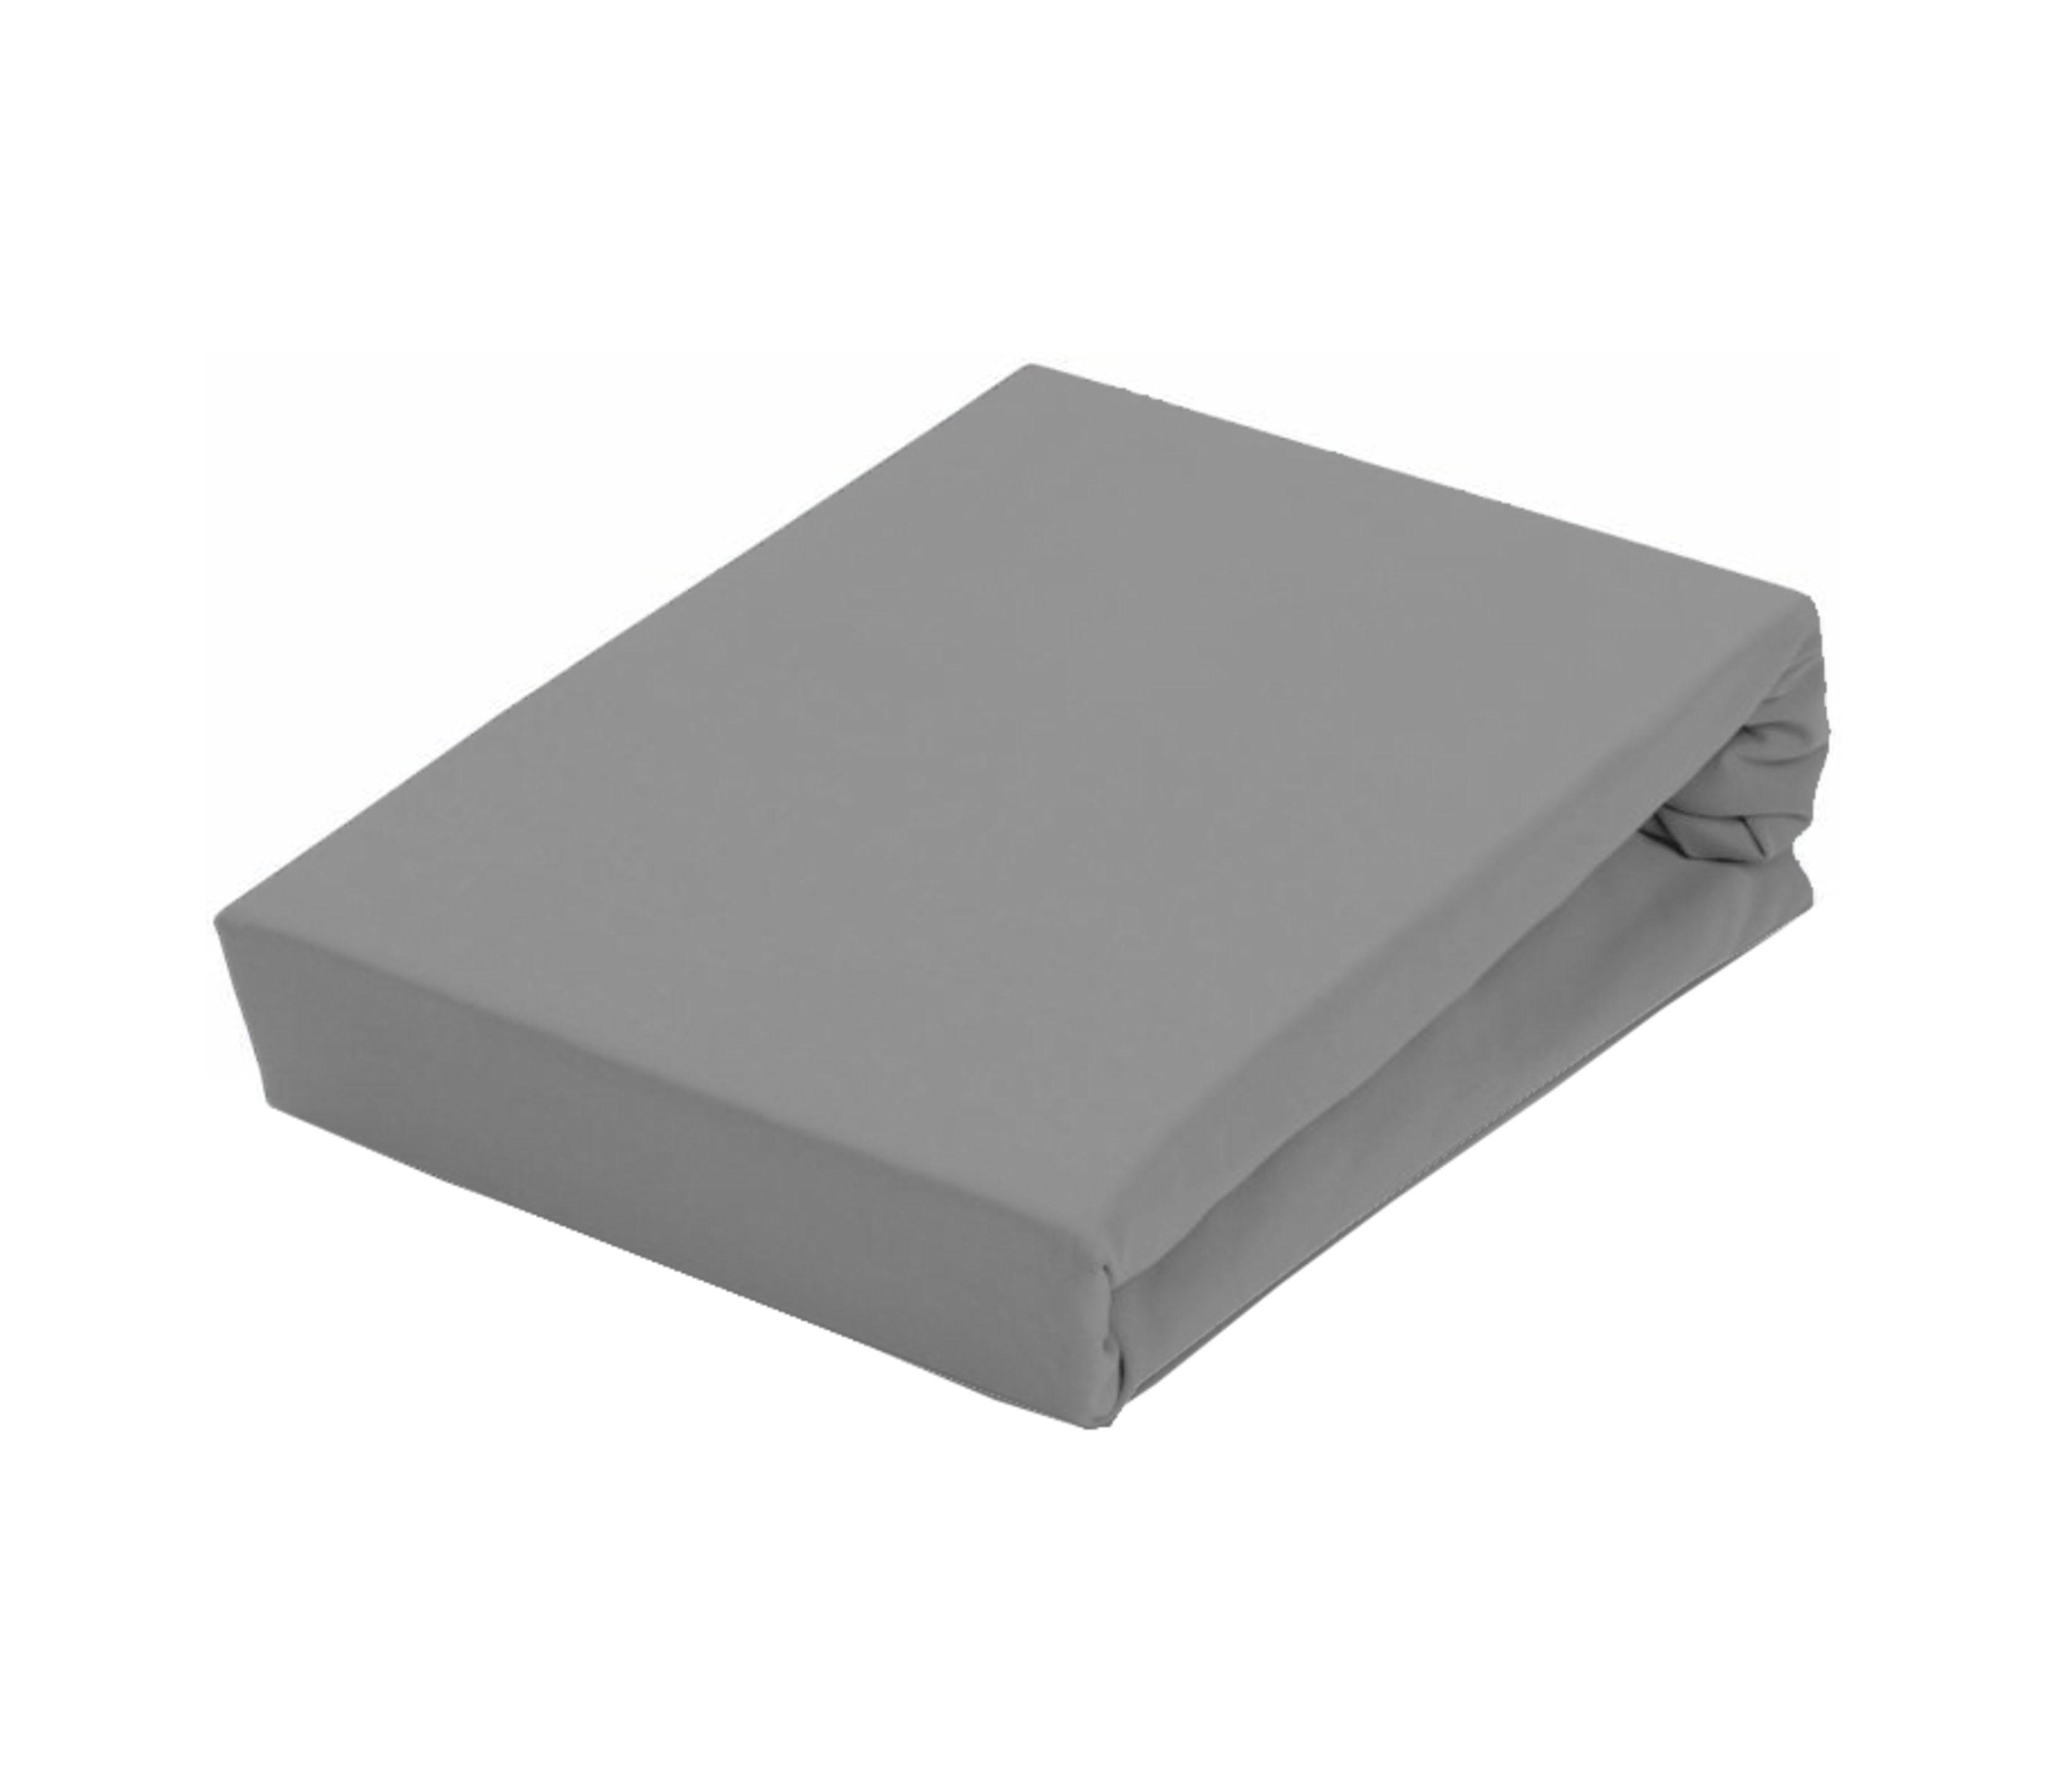 Aga Prostěradlo JERSEY 90x200 cm  Barva prostěradla: Tmavě šedá